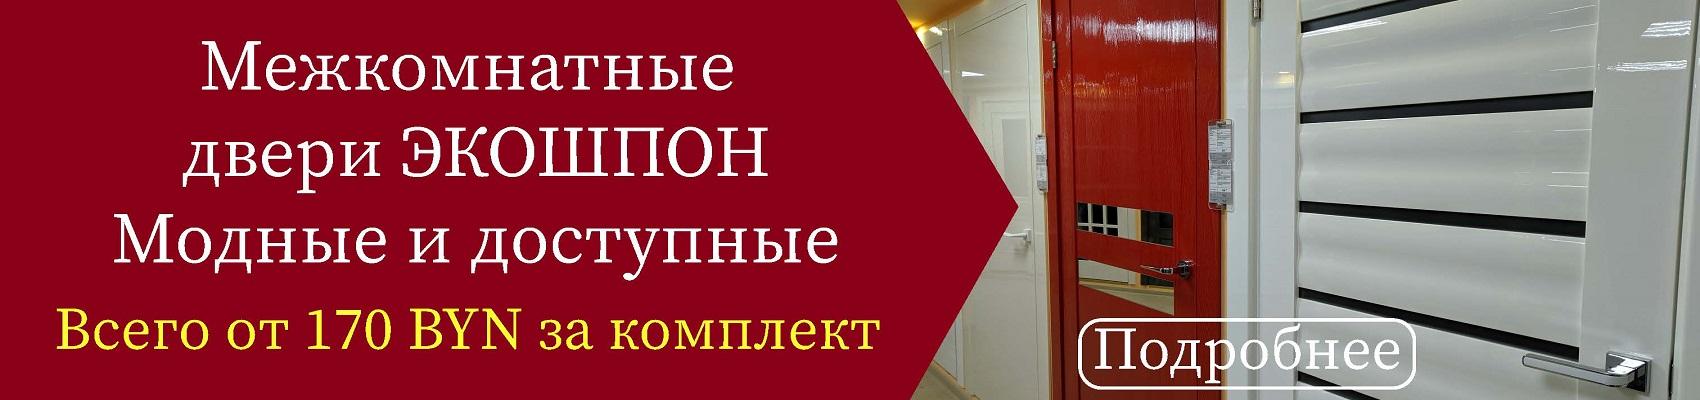 Стильные двери экошпон в Витебске